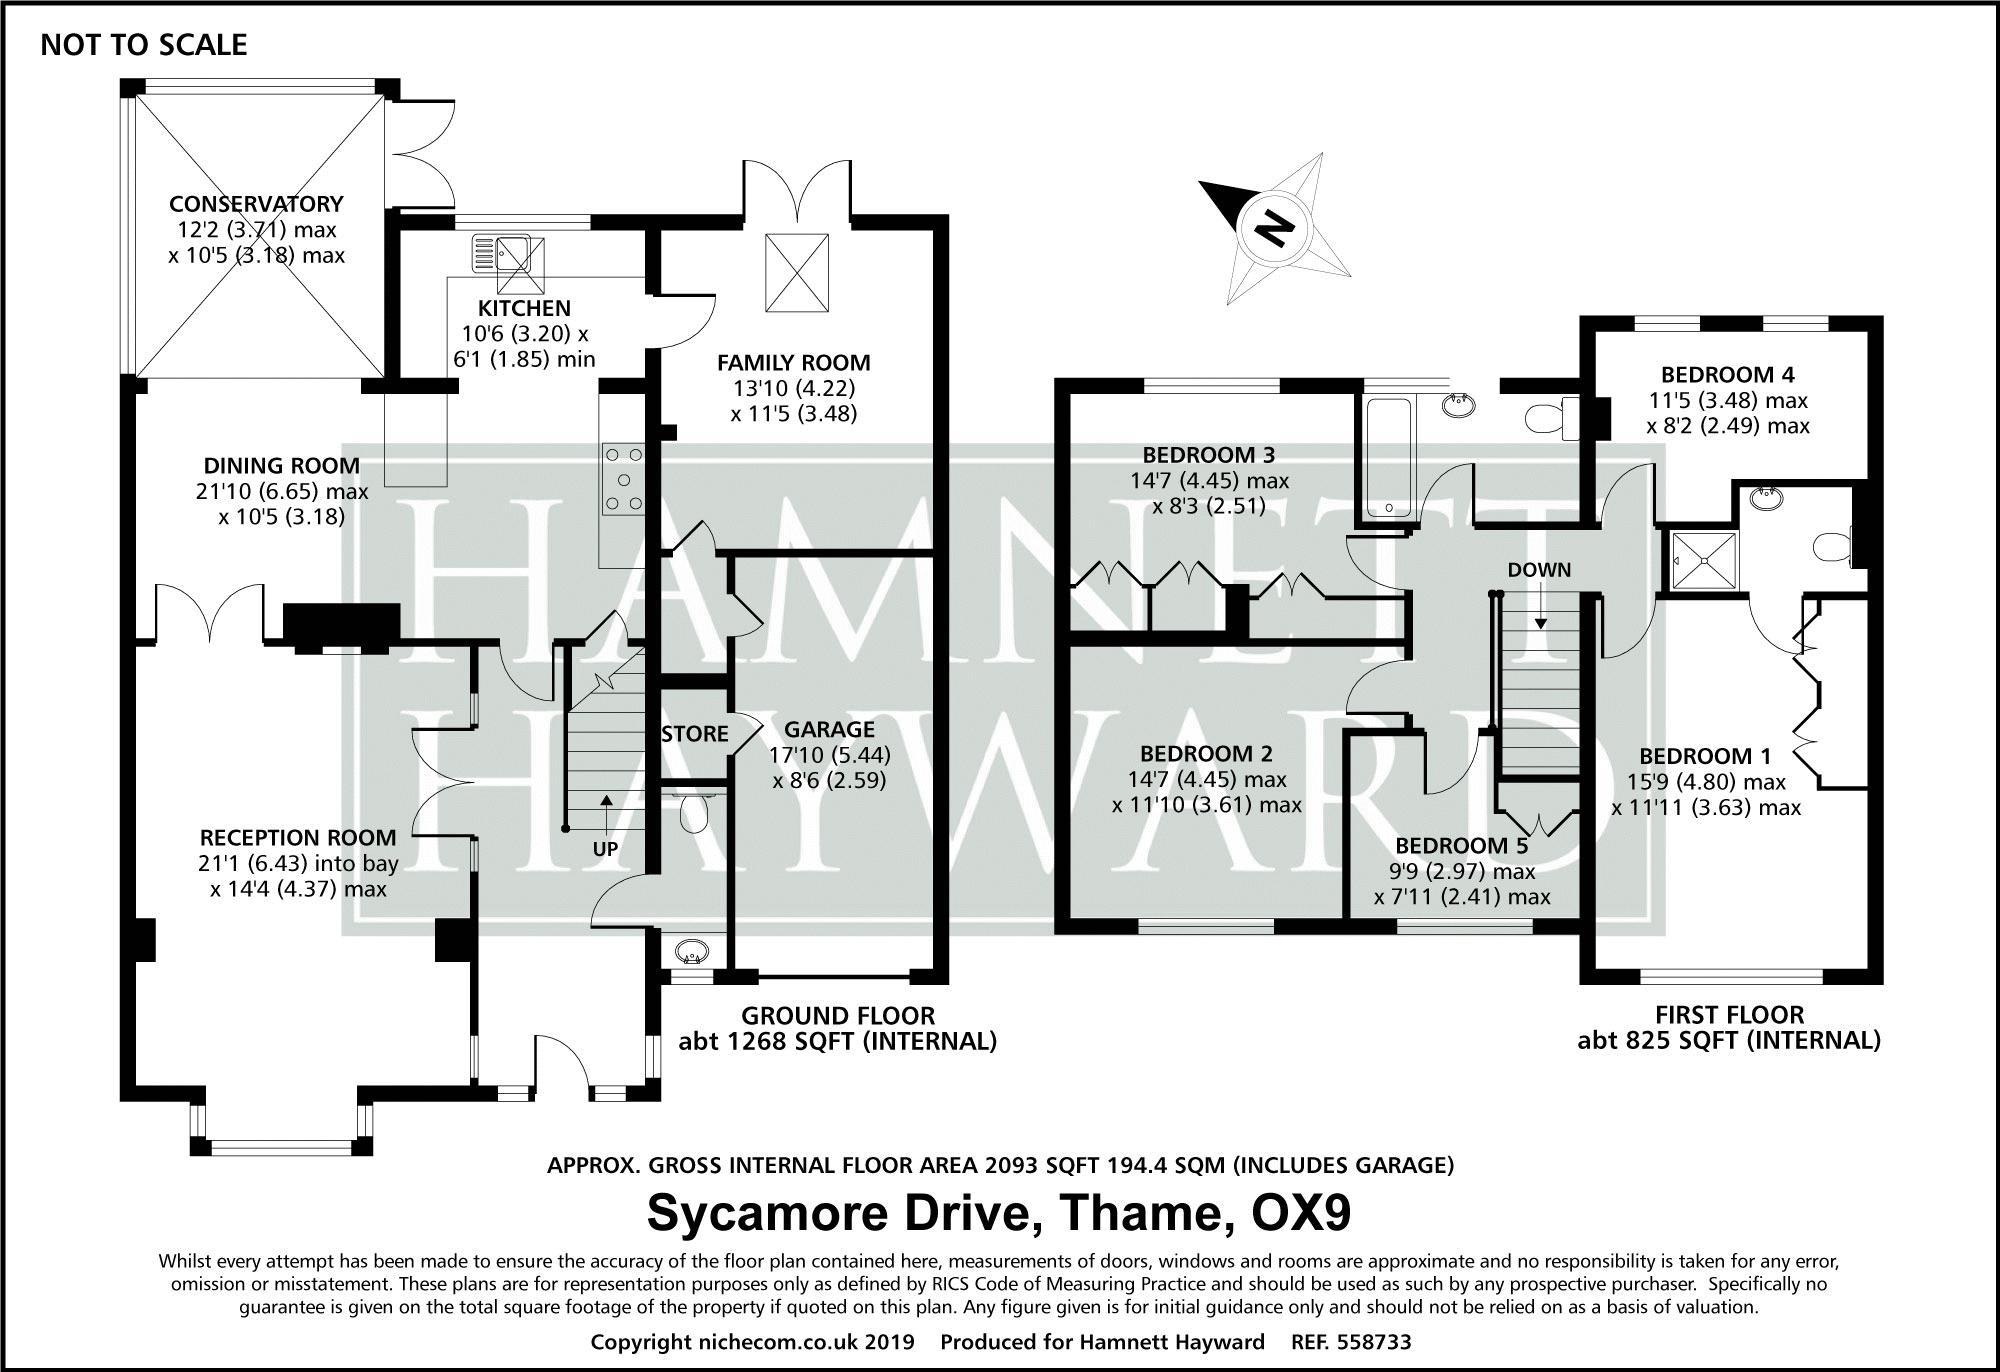 Sycamore Drive